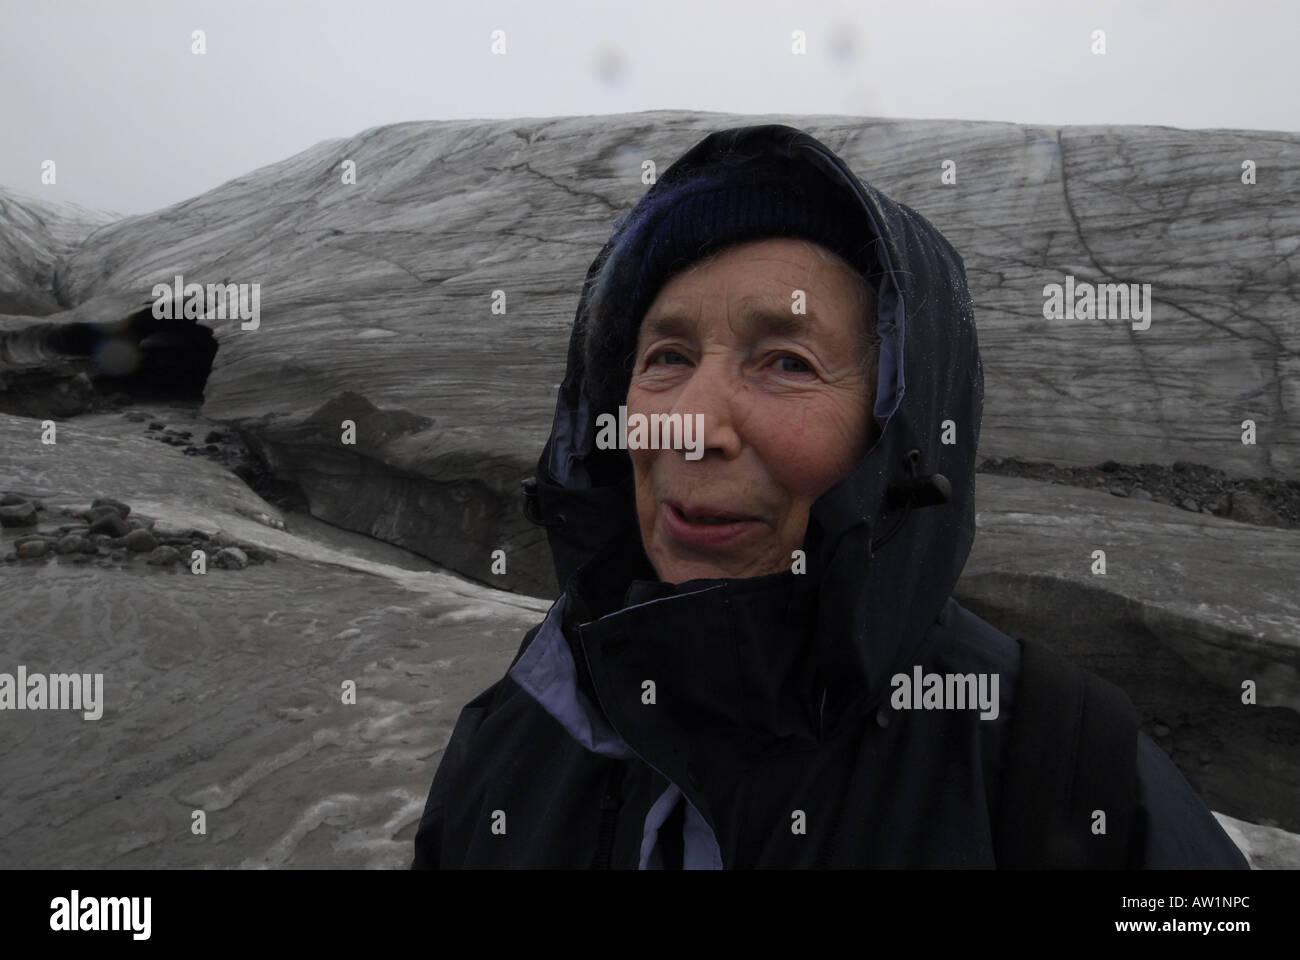 Parque Nacional Sirmilik Glaciar Sermilik Isla Bylot entrada del estanque de la isla de Baffin Alto Ártico Canadá turísticos remotos aislados Senderismo Senderismo la niebla rock rockly lengua Imagen De Stock